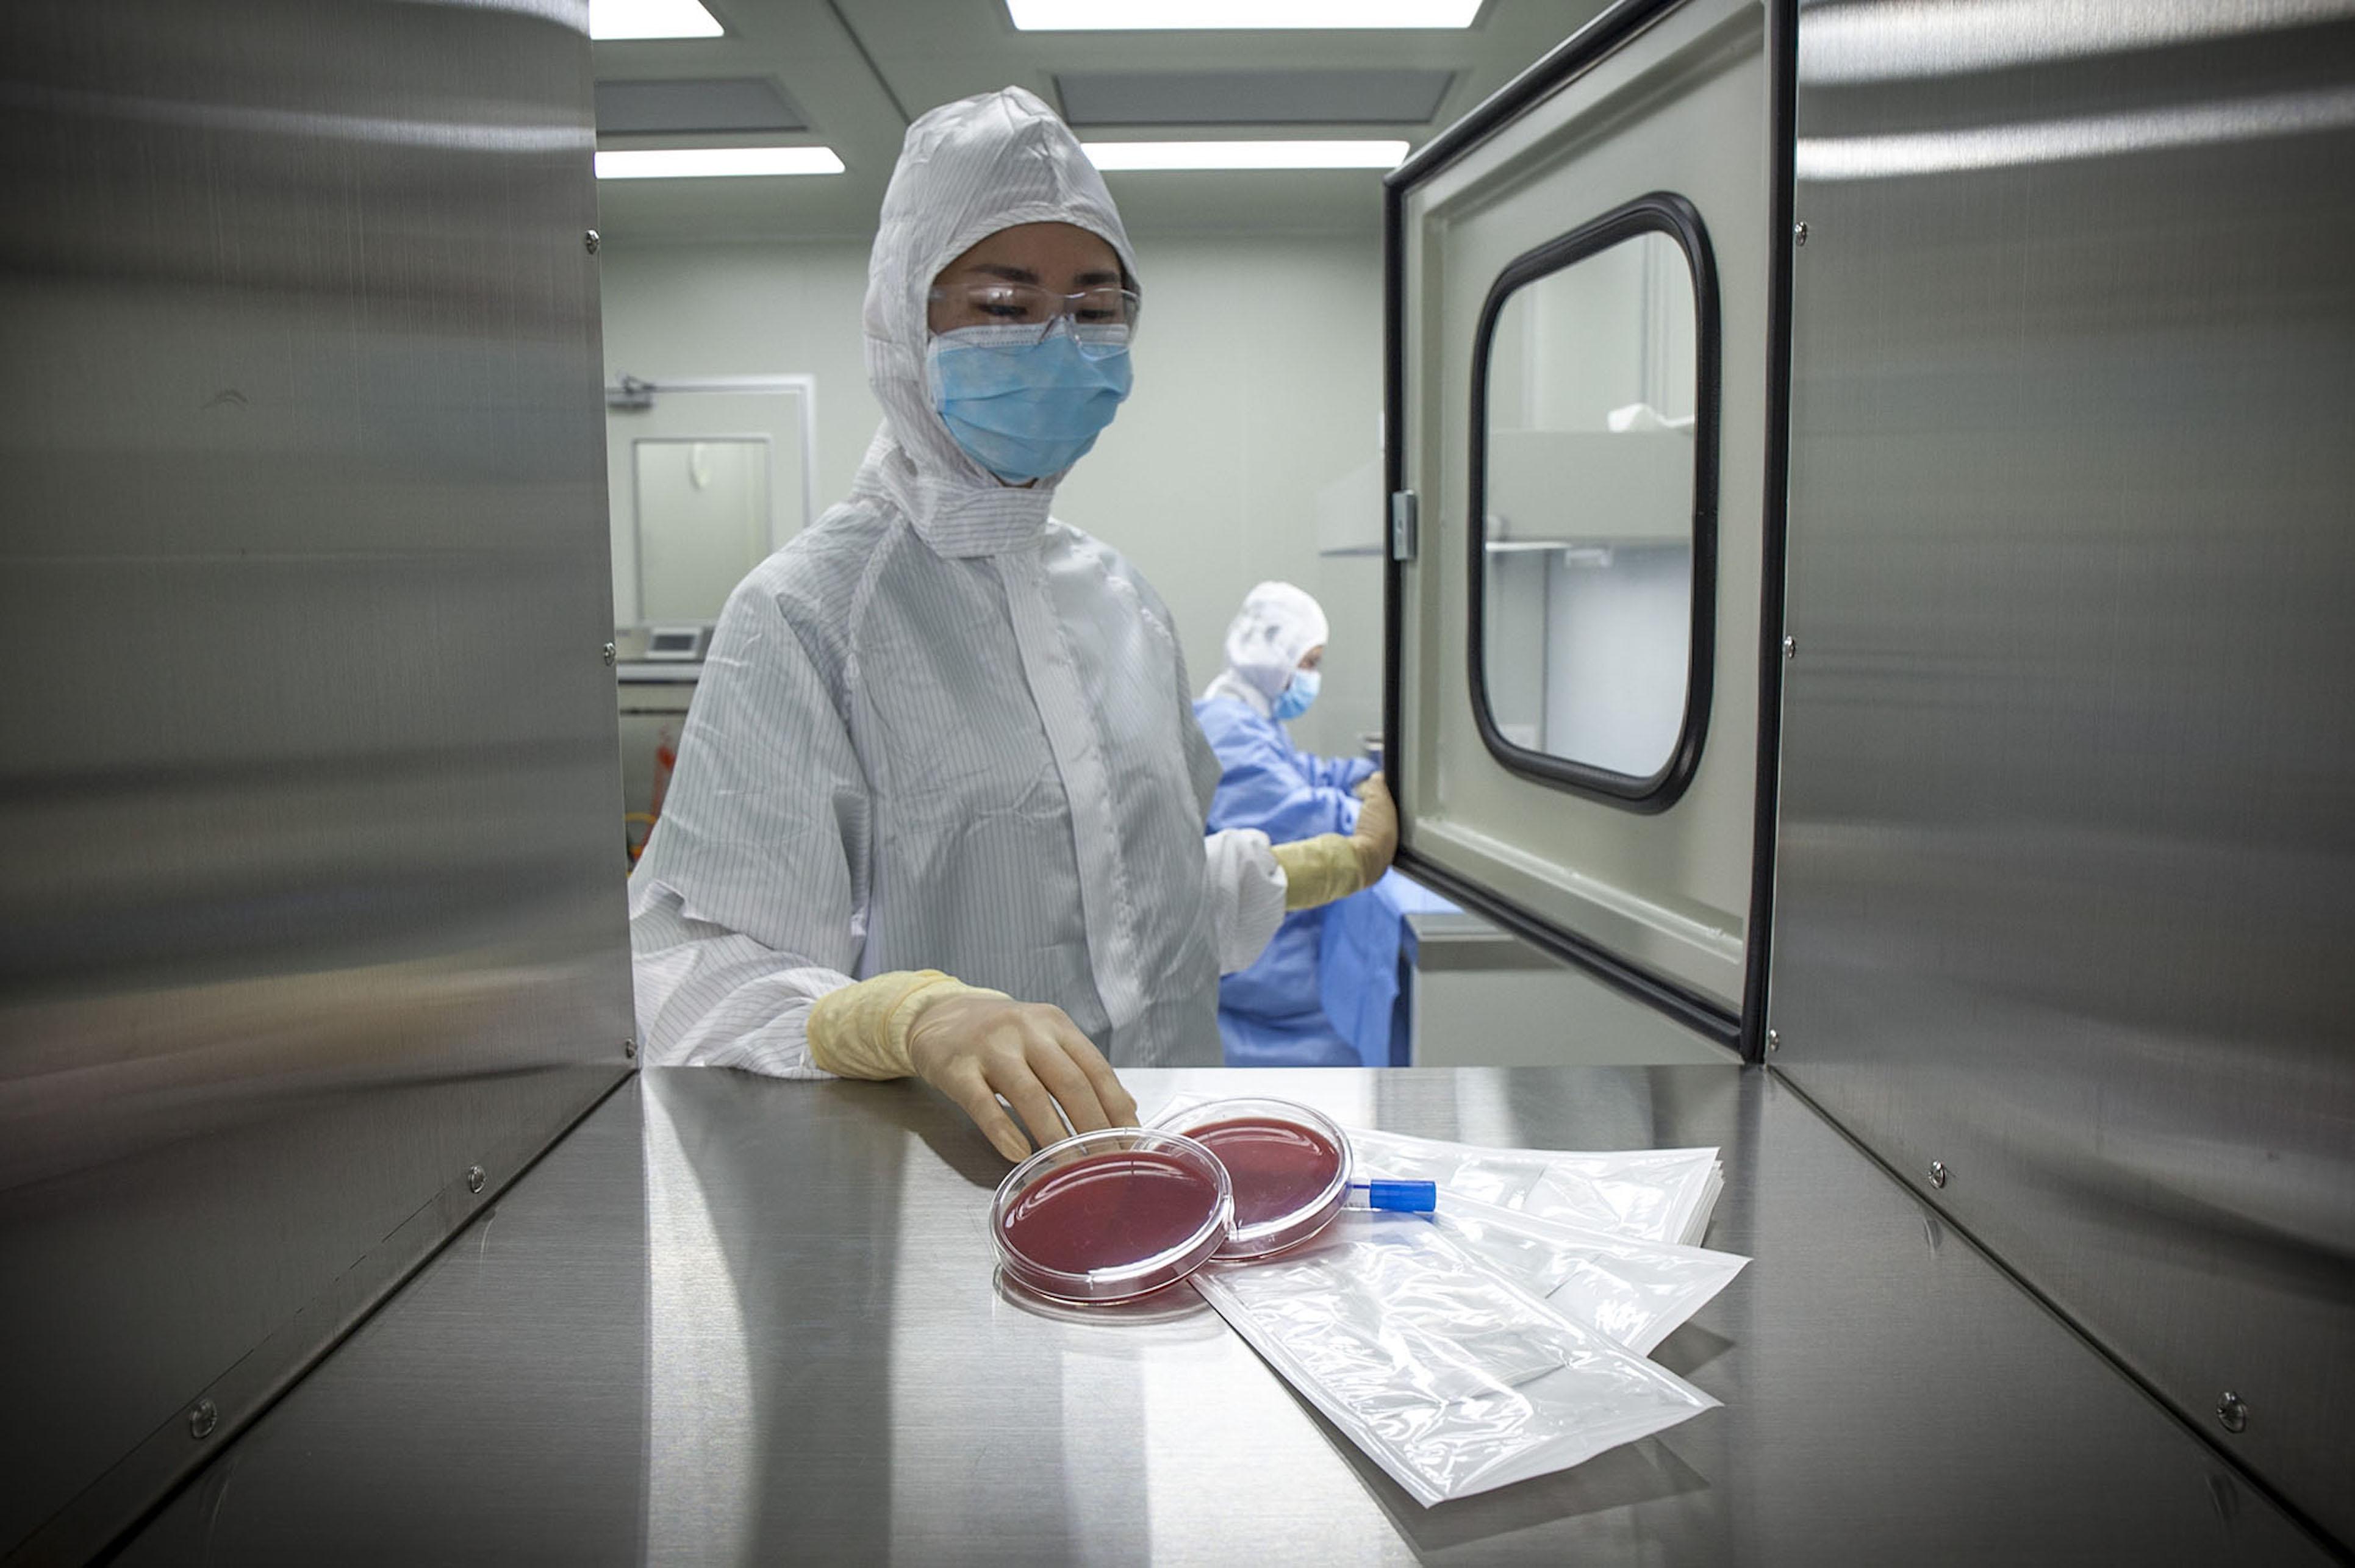 再生醫材產品全程以無菌技術製備,並採用美國標準以及規格檢驗